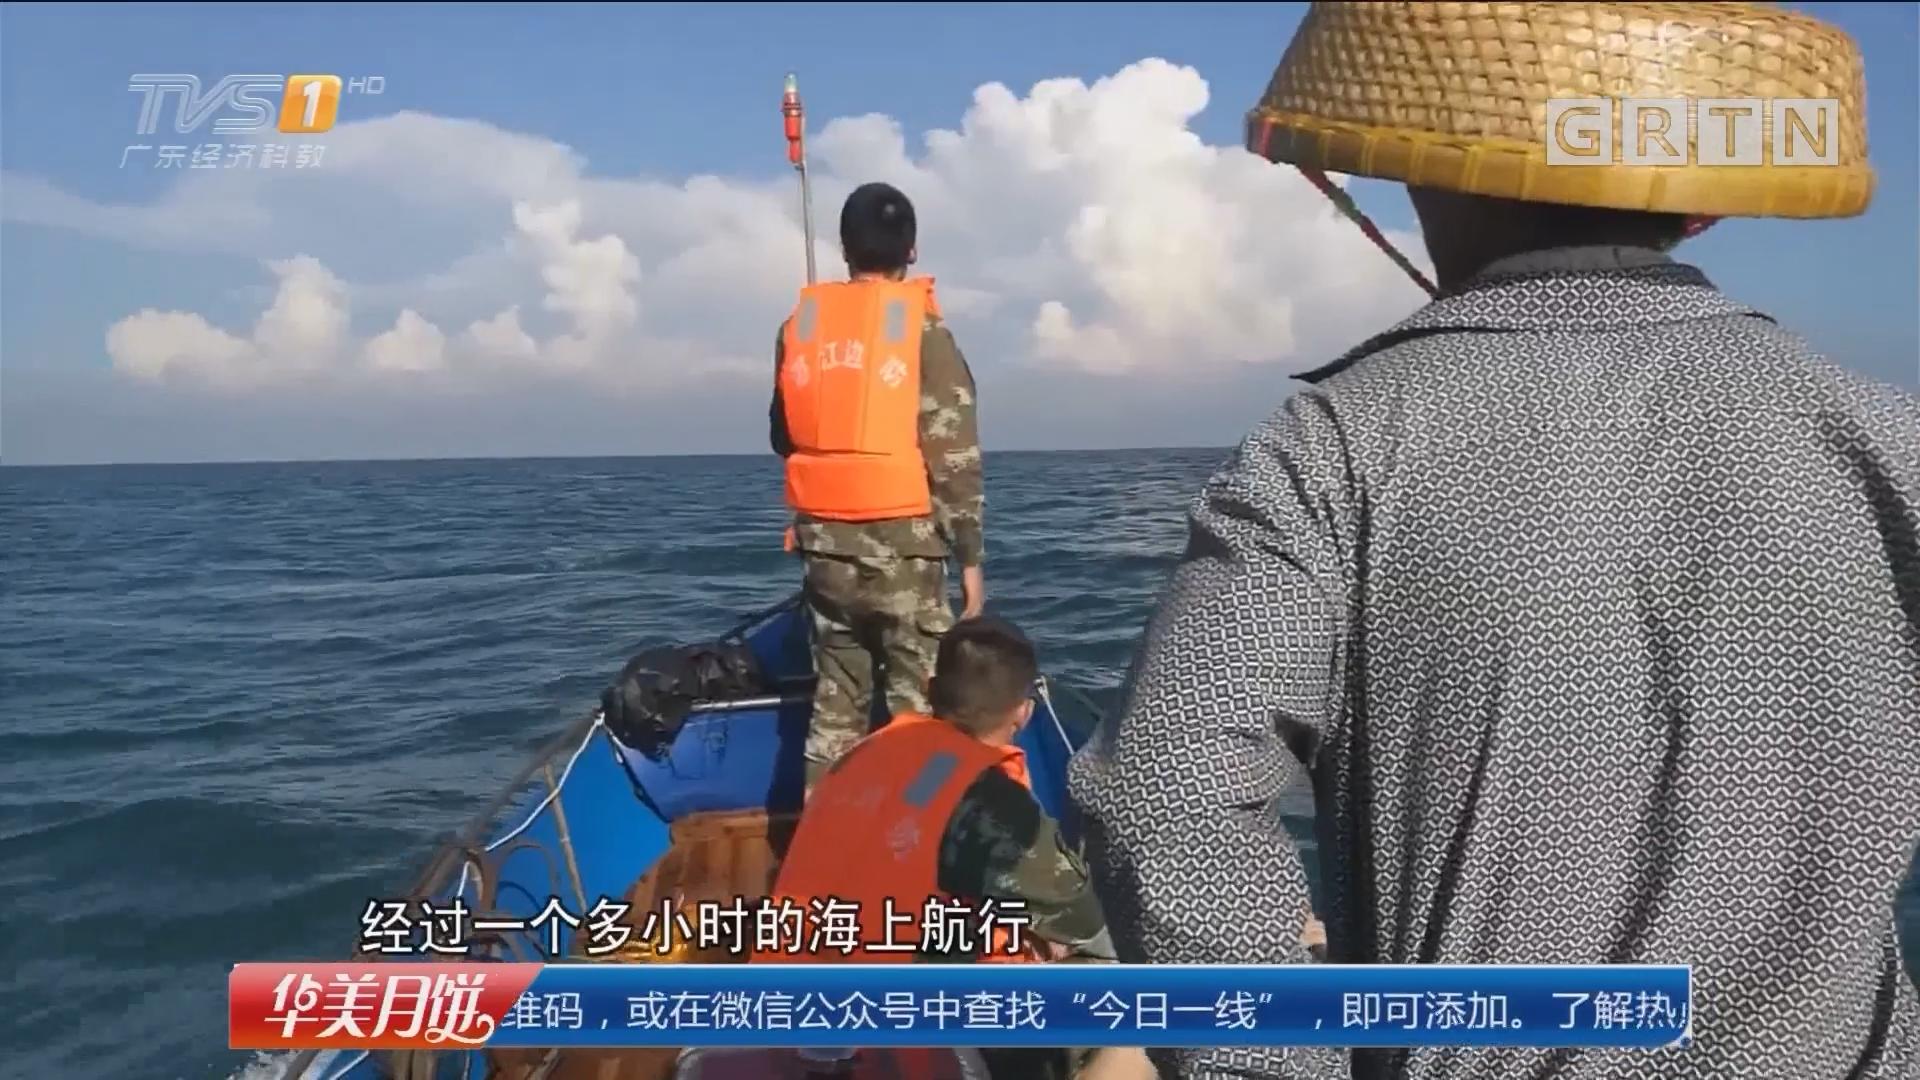 湛江:渔船被撞倾覆 边防破浪救人